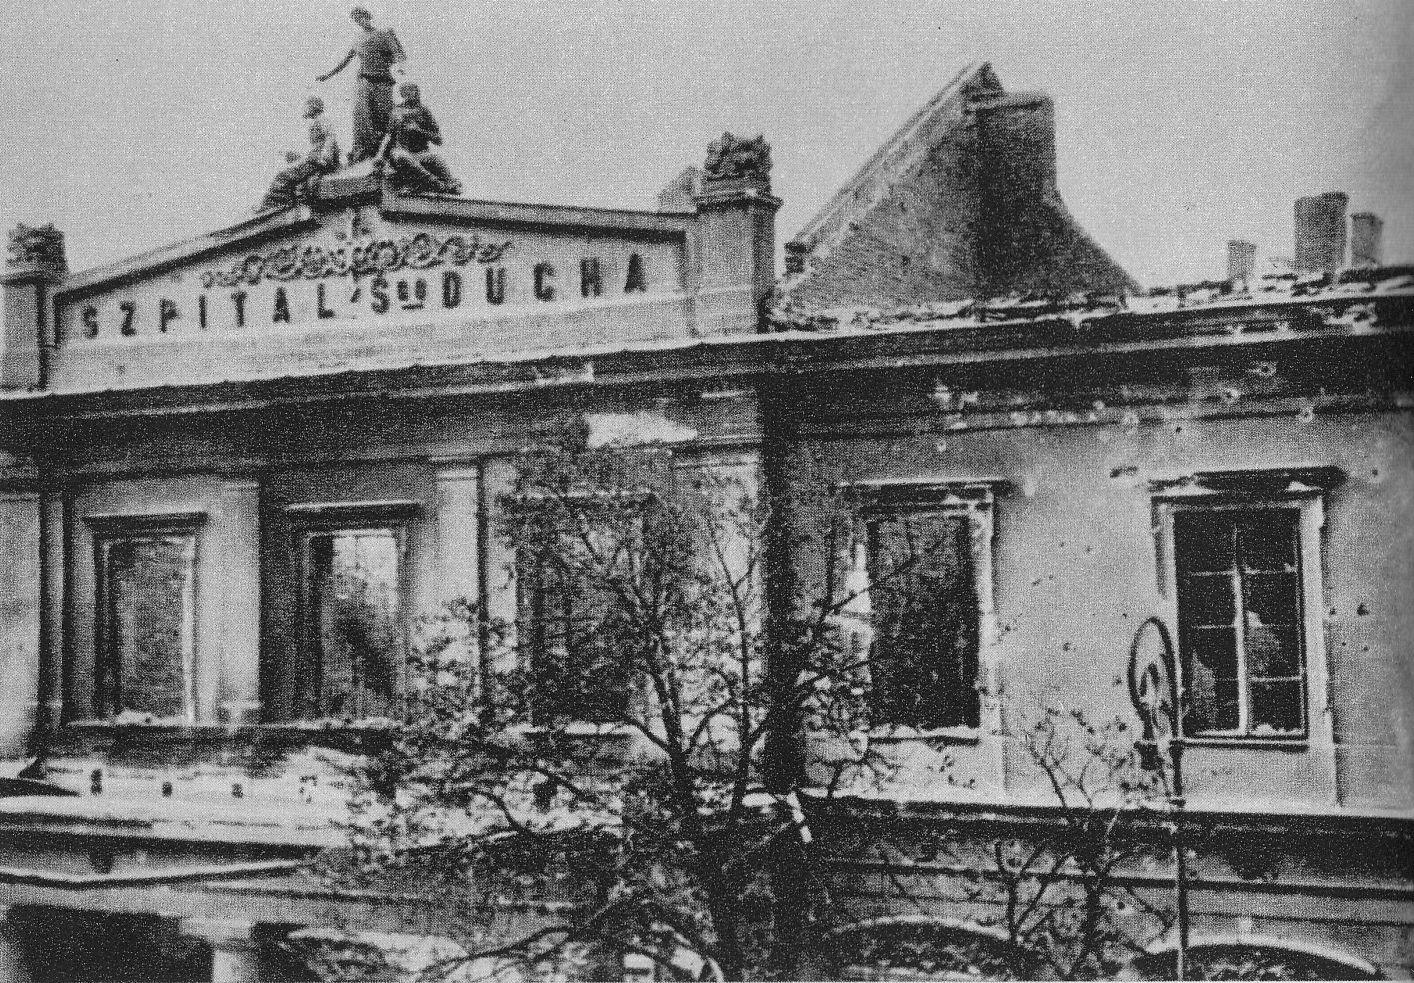 Czarno białe zdjęcie archiwalne. Fragment fasady budynku. Ciąg okien inapis Szpital świętego ducha.